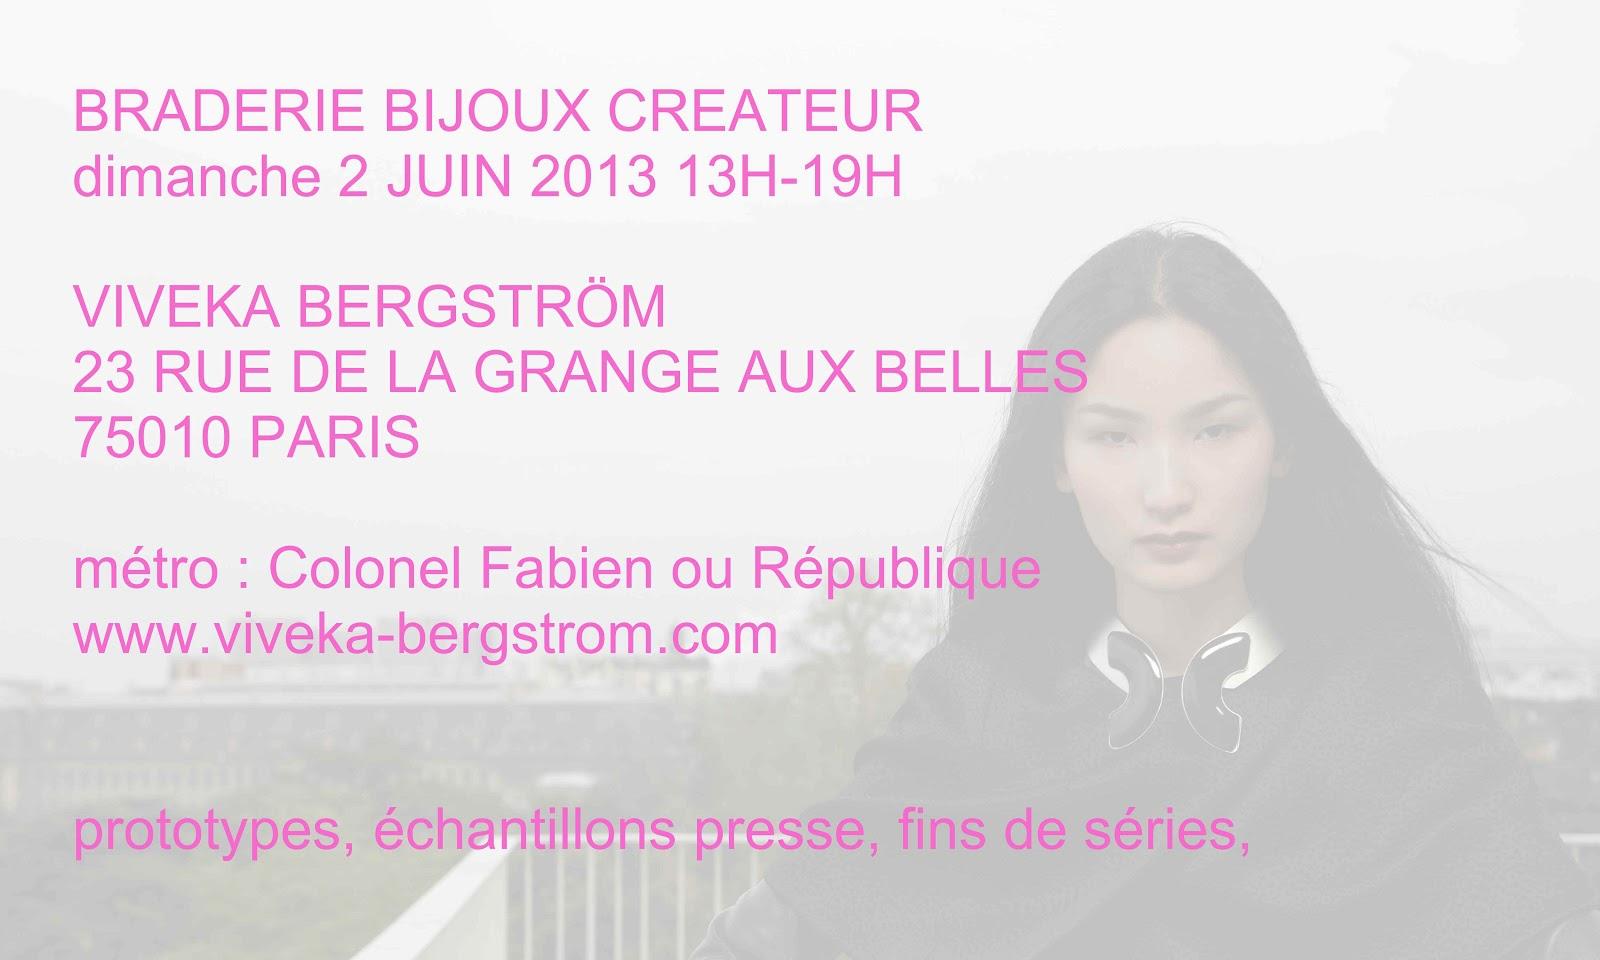 Viveka bergstr m jewelry mai 2013 - 13 rue de la grange aux belles 75010 paris ...